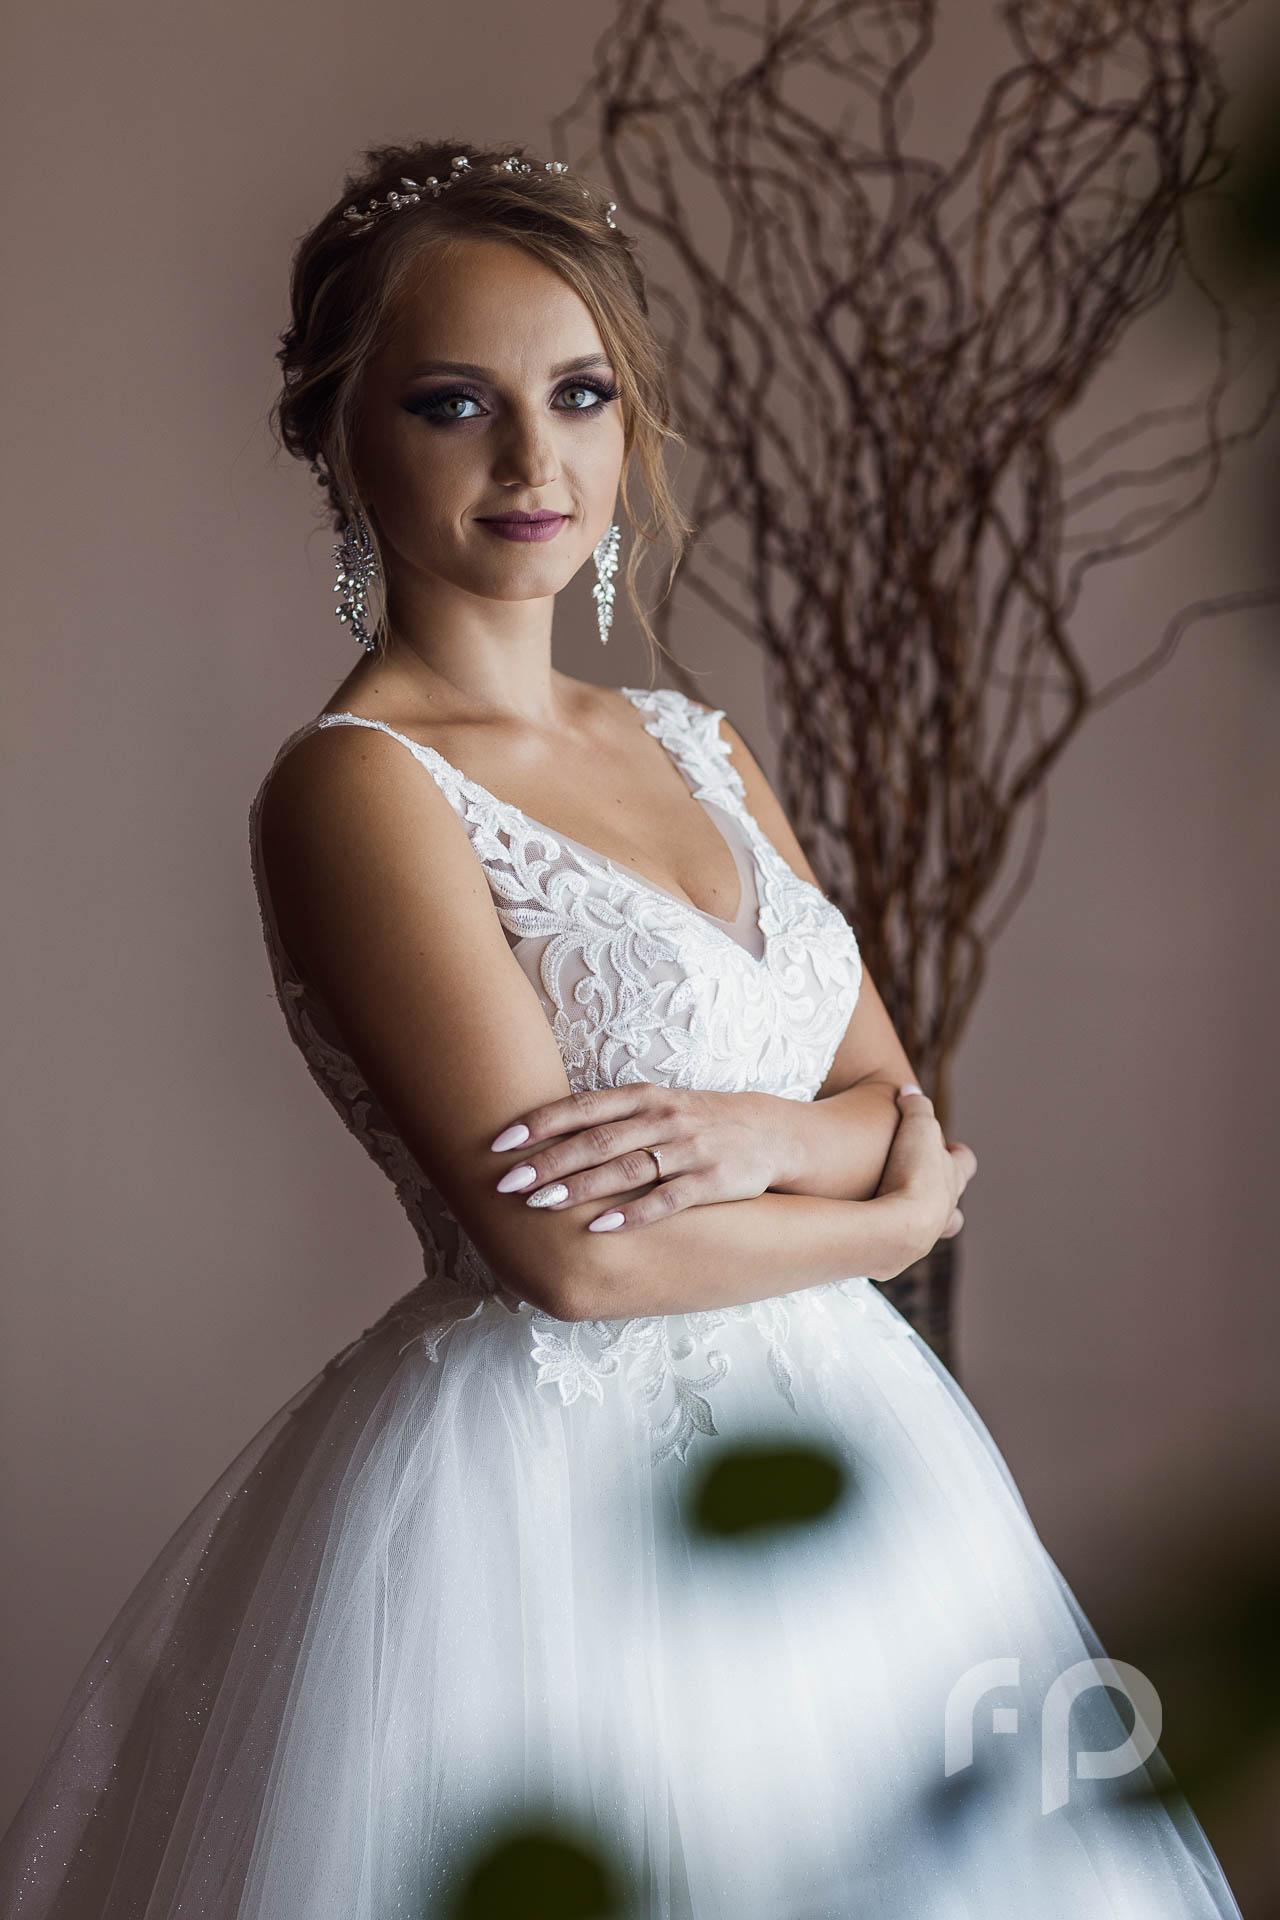 najlepsze rustykalne zdjęcia ślubne mielec